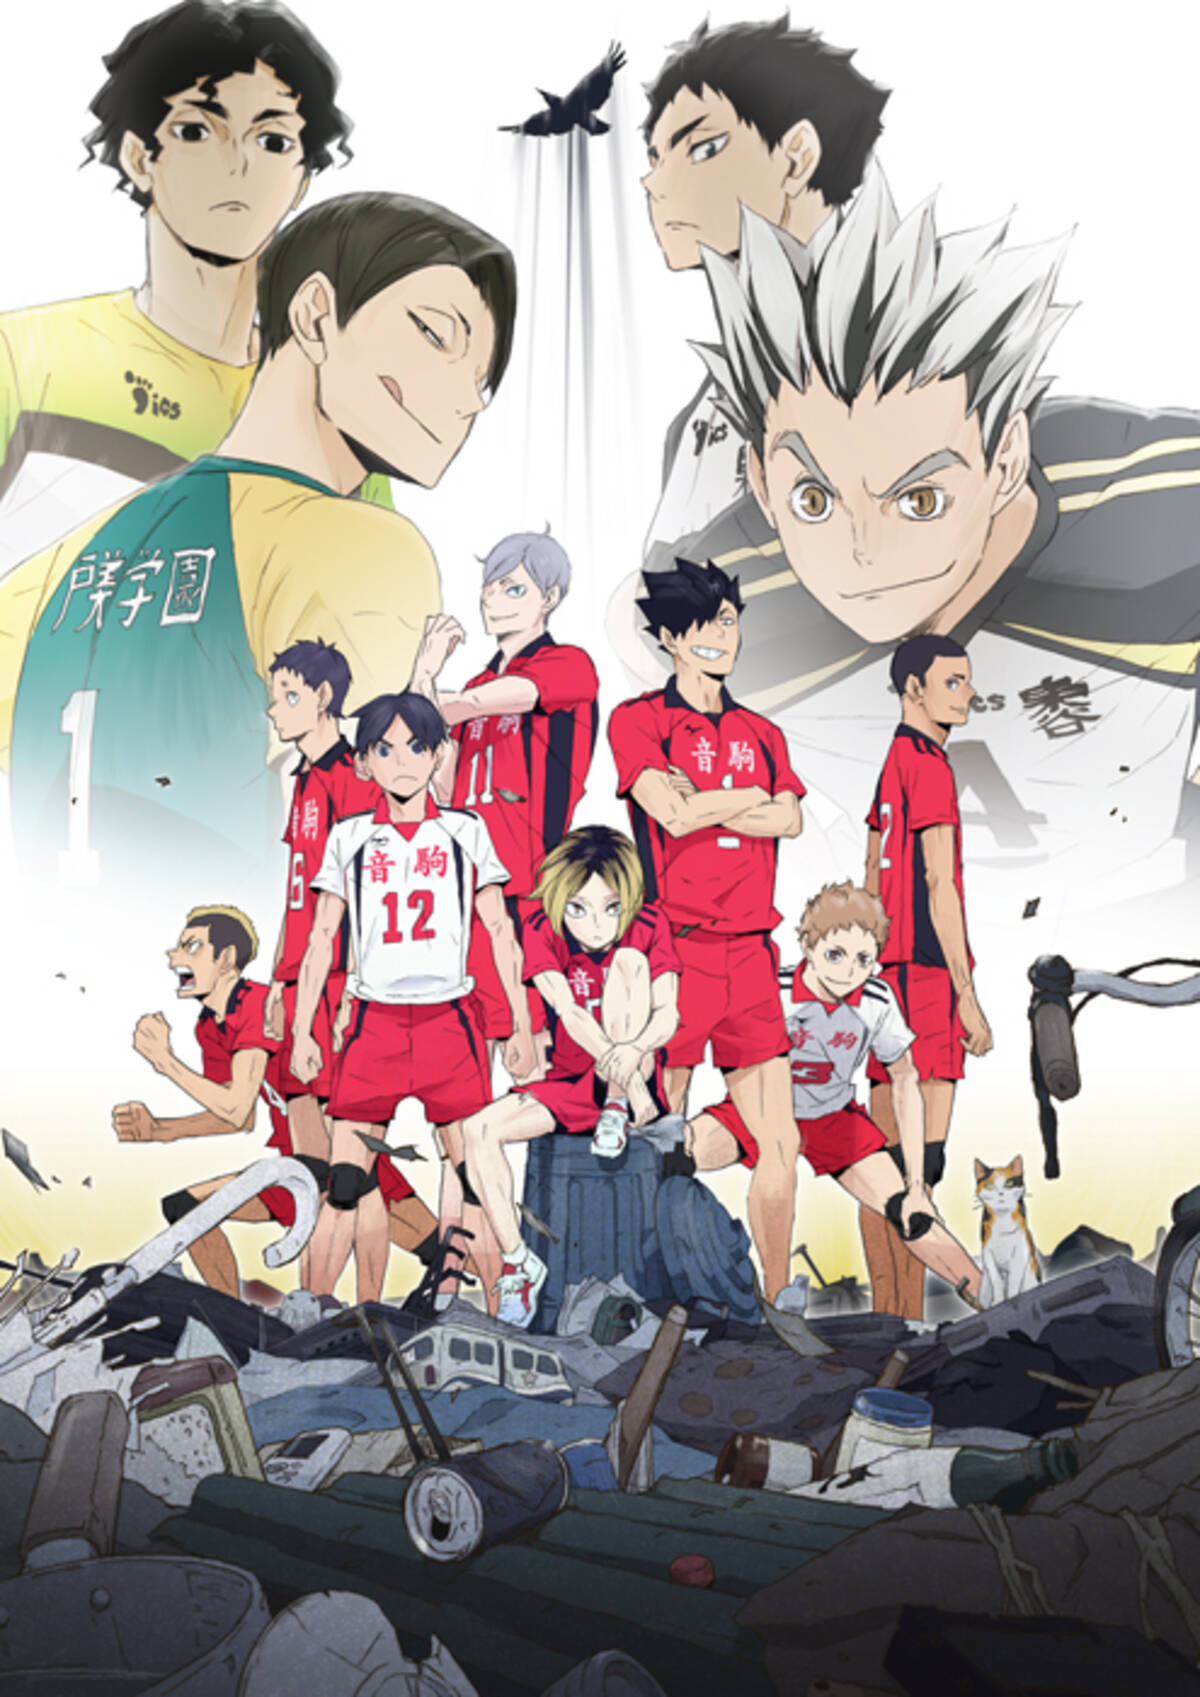 Tvアニメ ハイキュー 第4期2020年1月放送開始 最新シリーズova